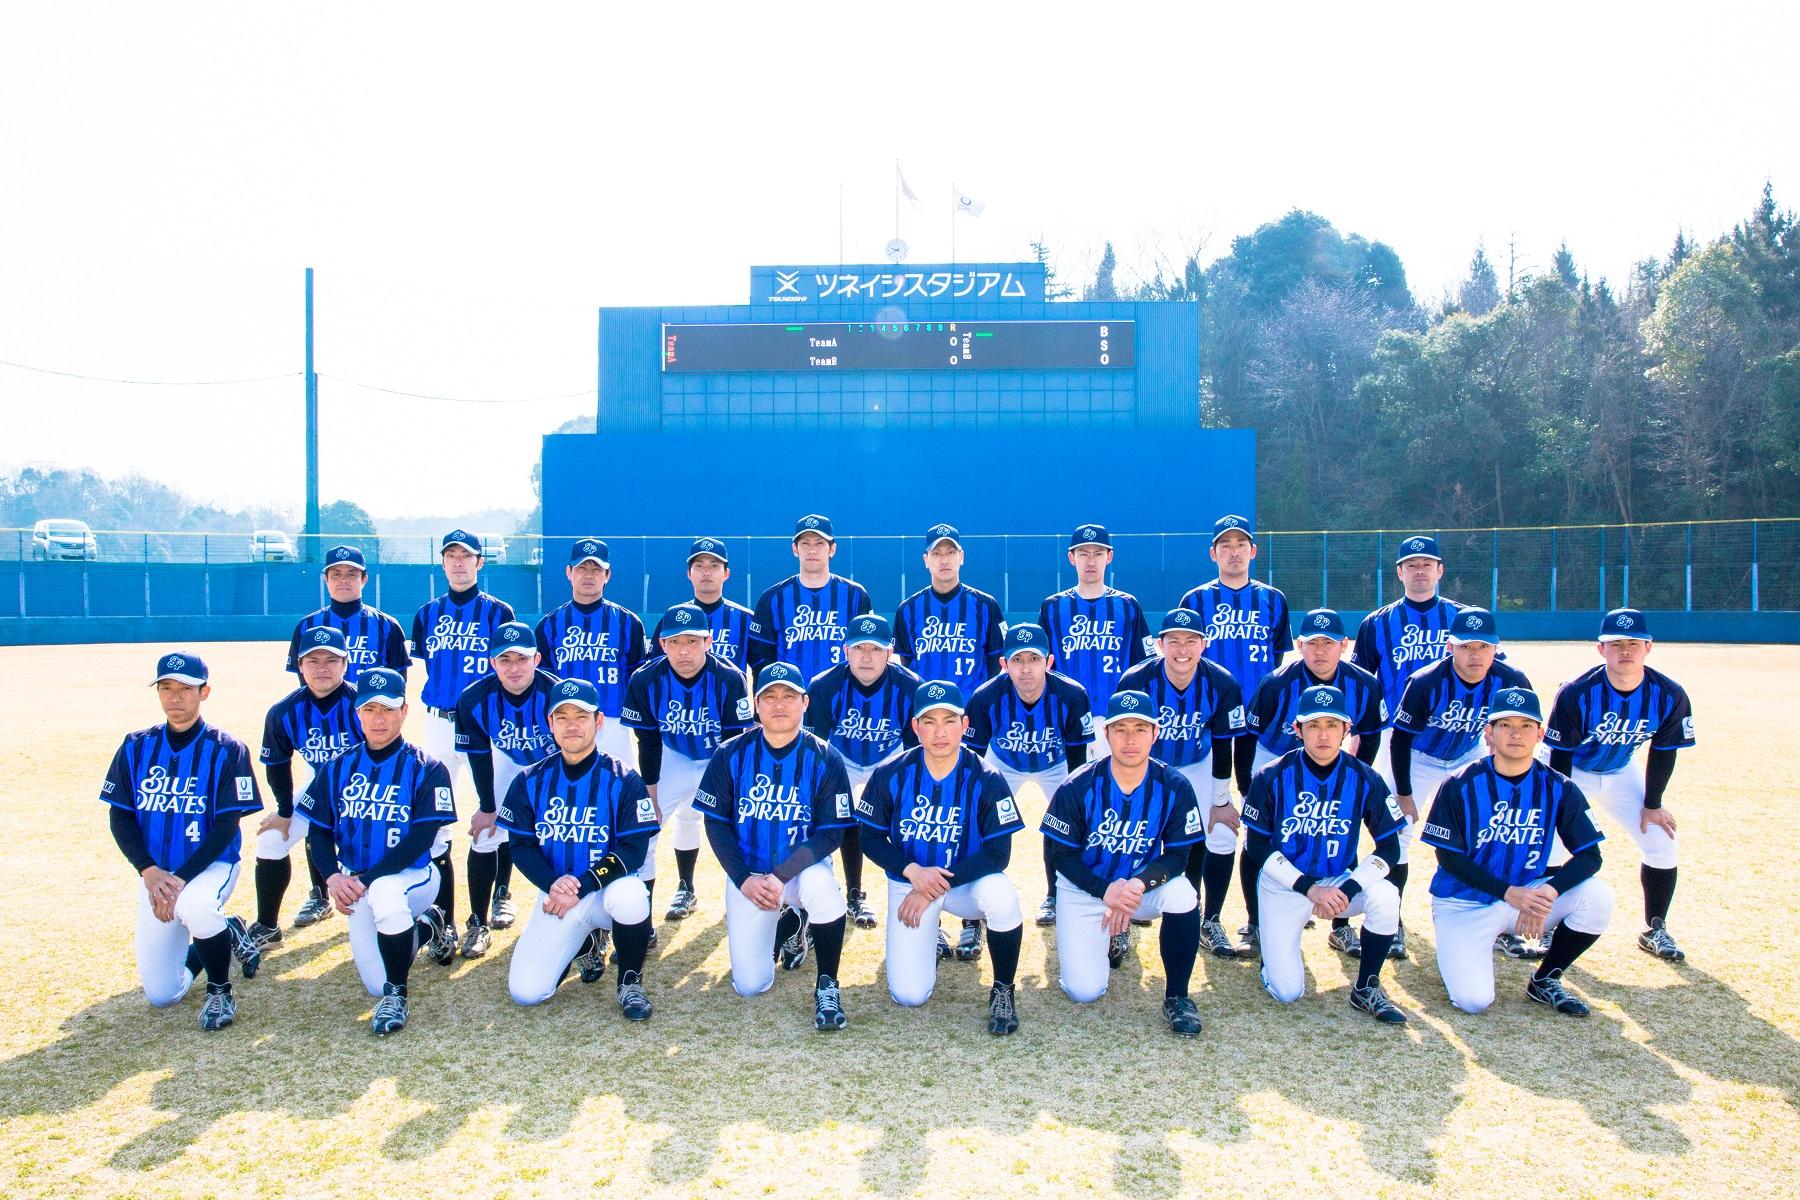 ツネイシブルーパイレーツ 社会人野球広島県3位となる ~JABA四国大会、JABA岡山大会への出場権を獲得~